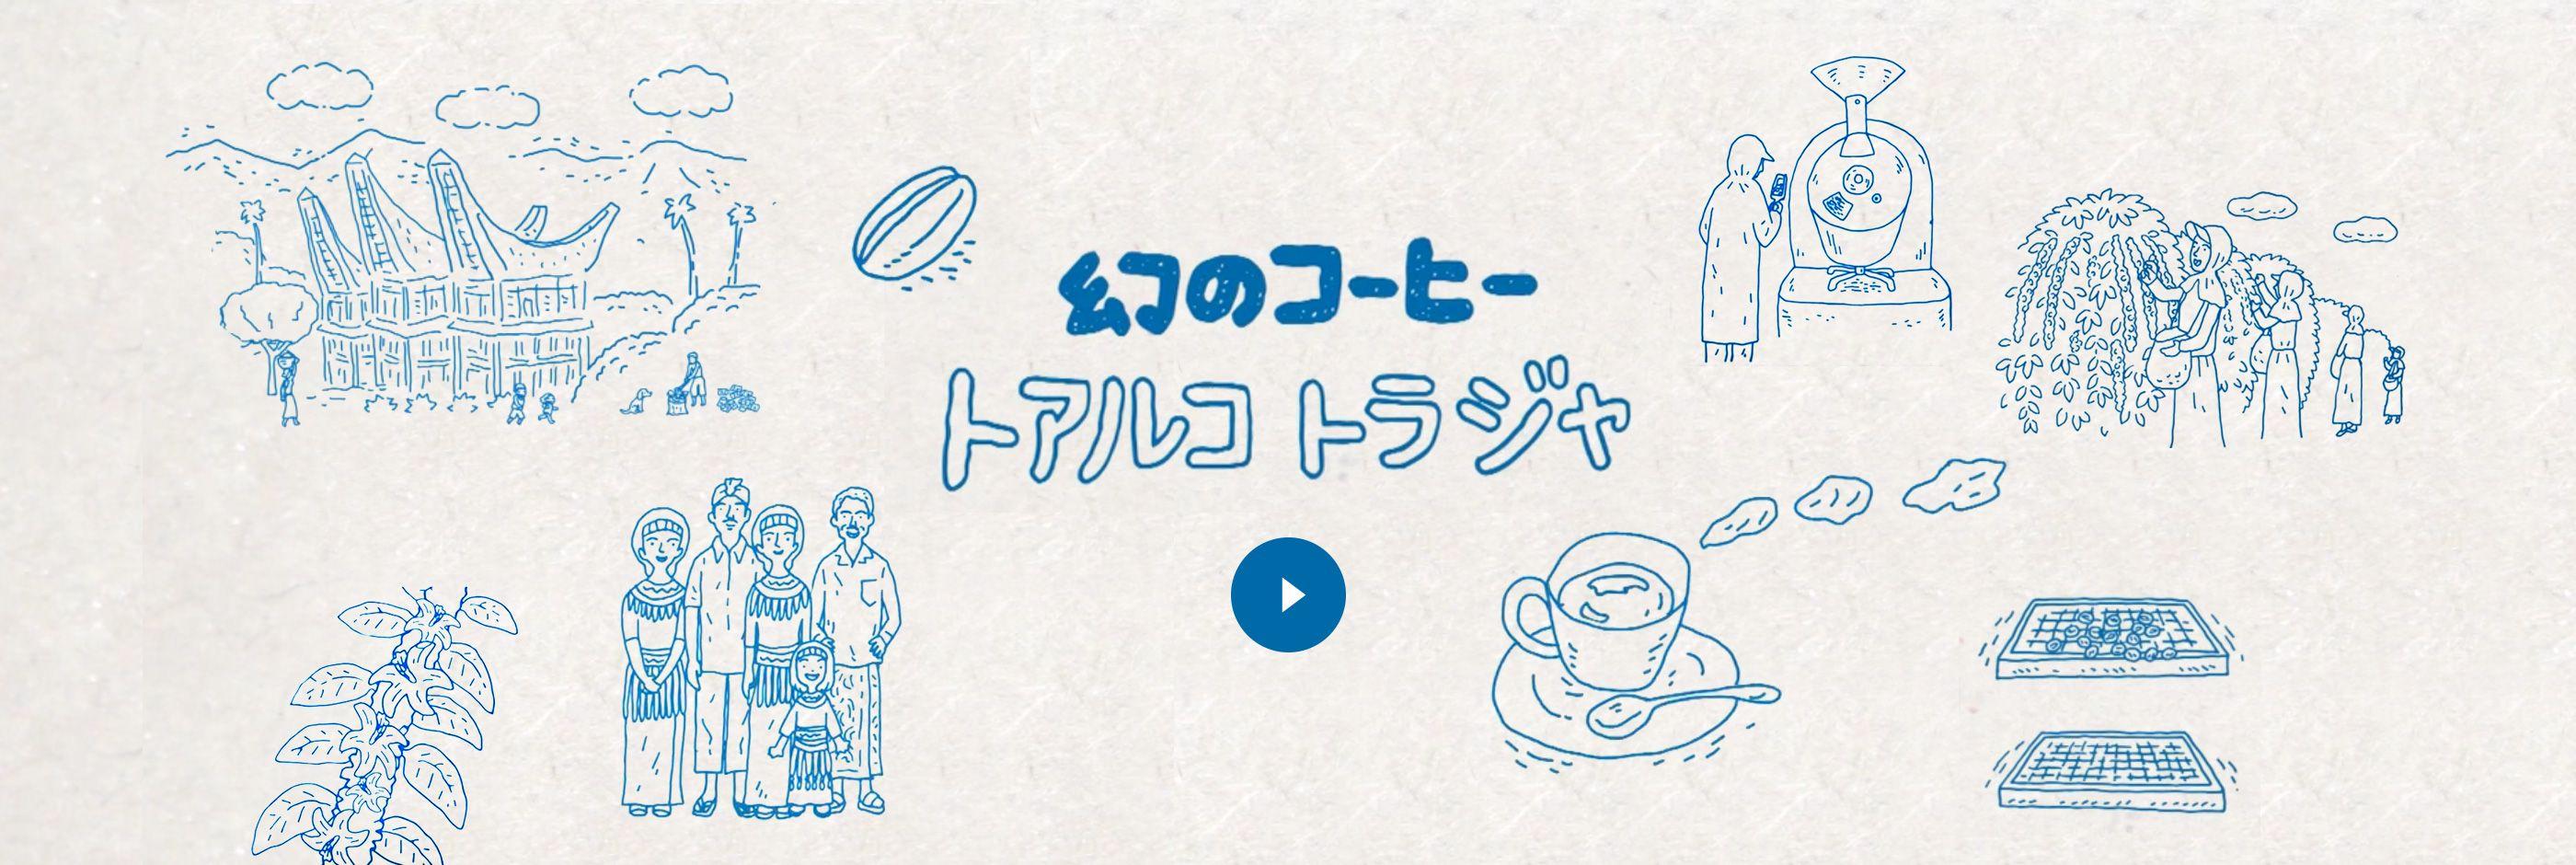 トアルコ トラジャ-TOARCO TORAJA-|キーコーヒー株式会社